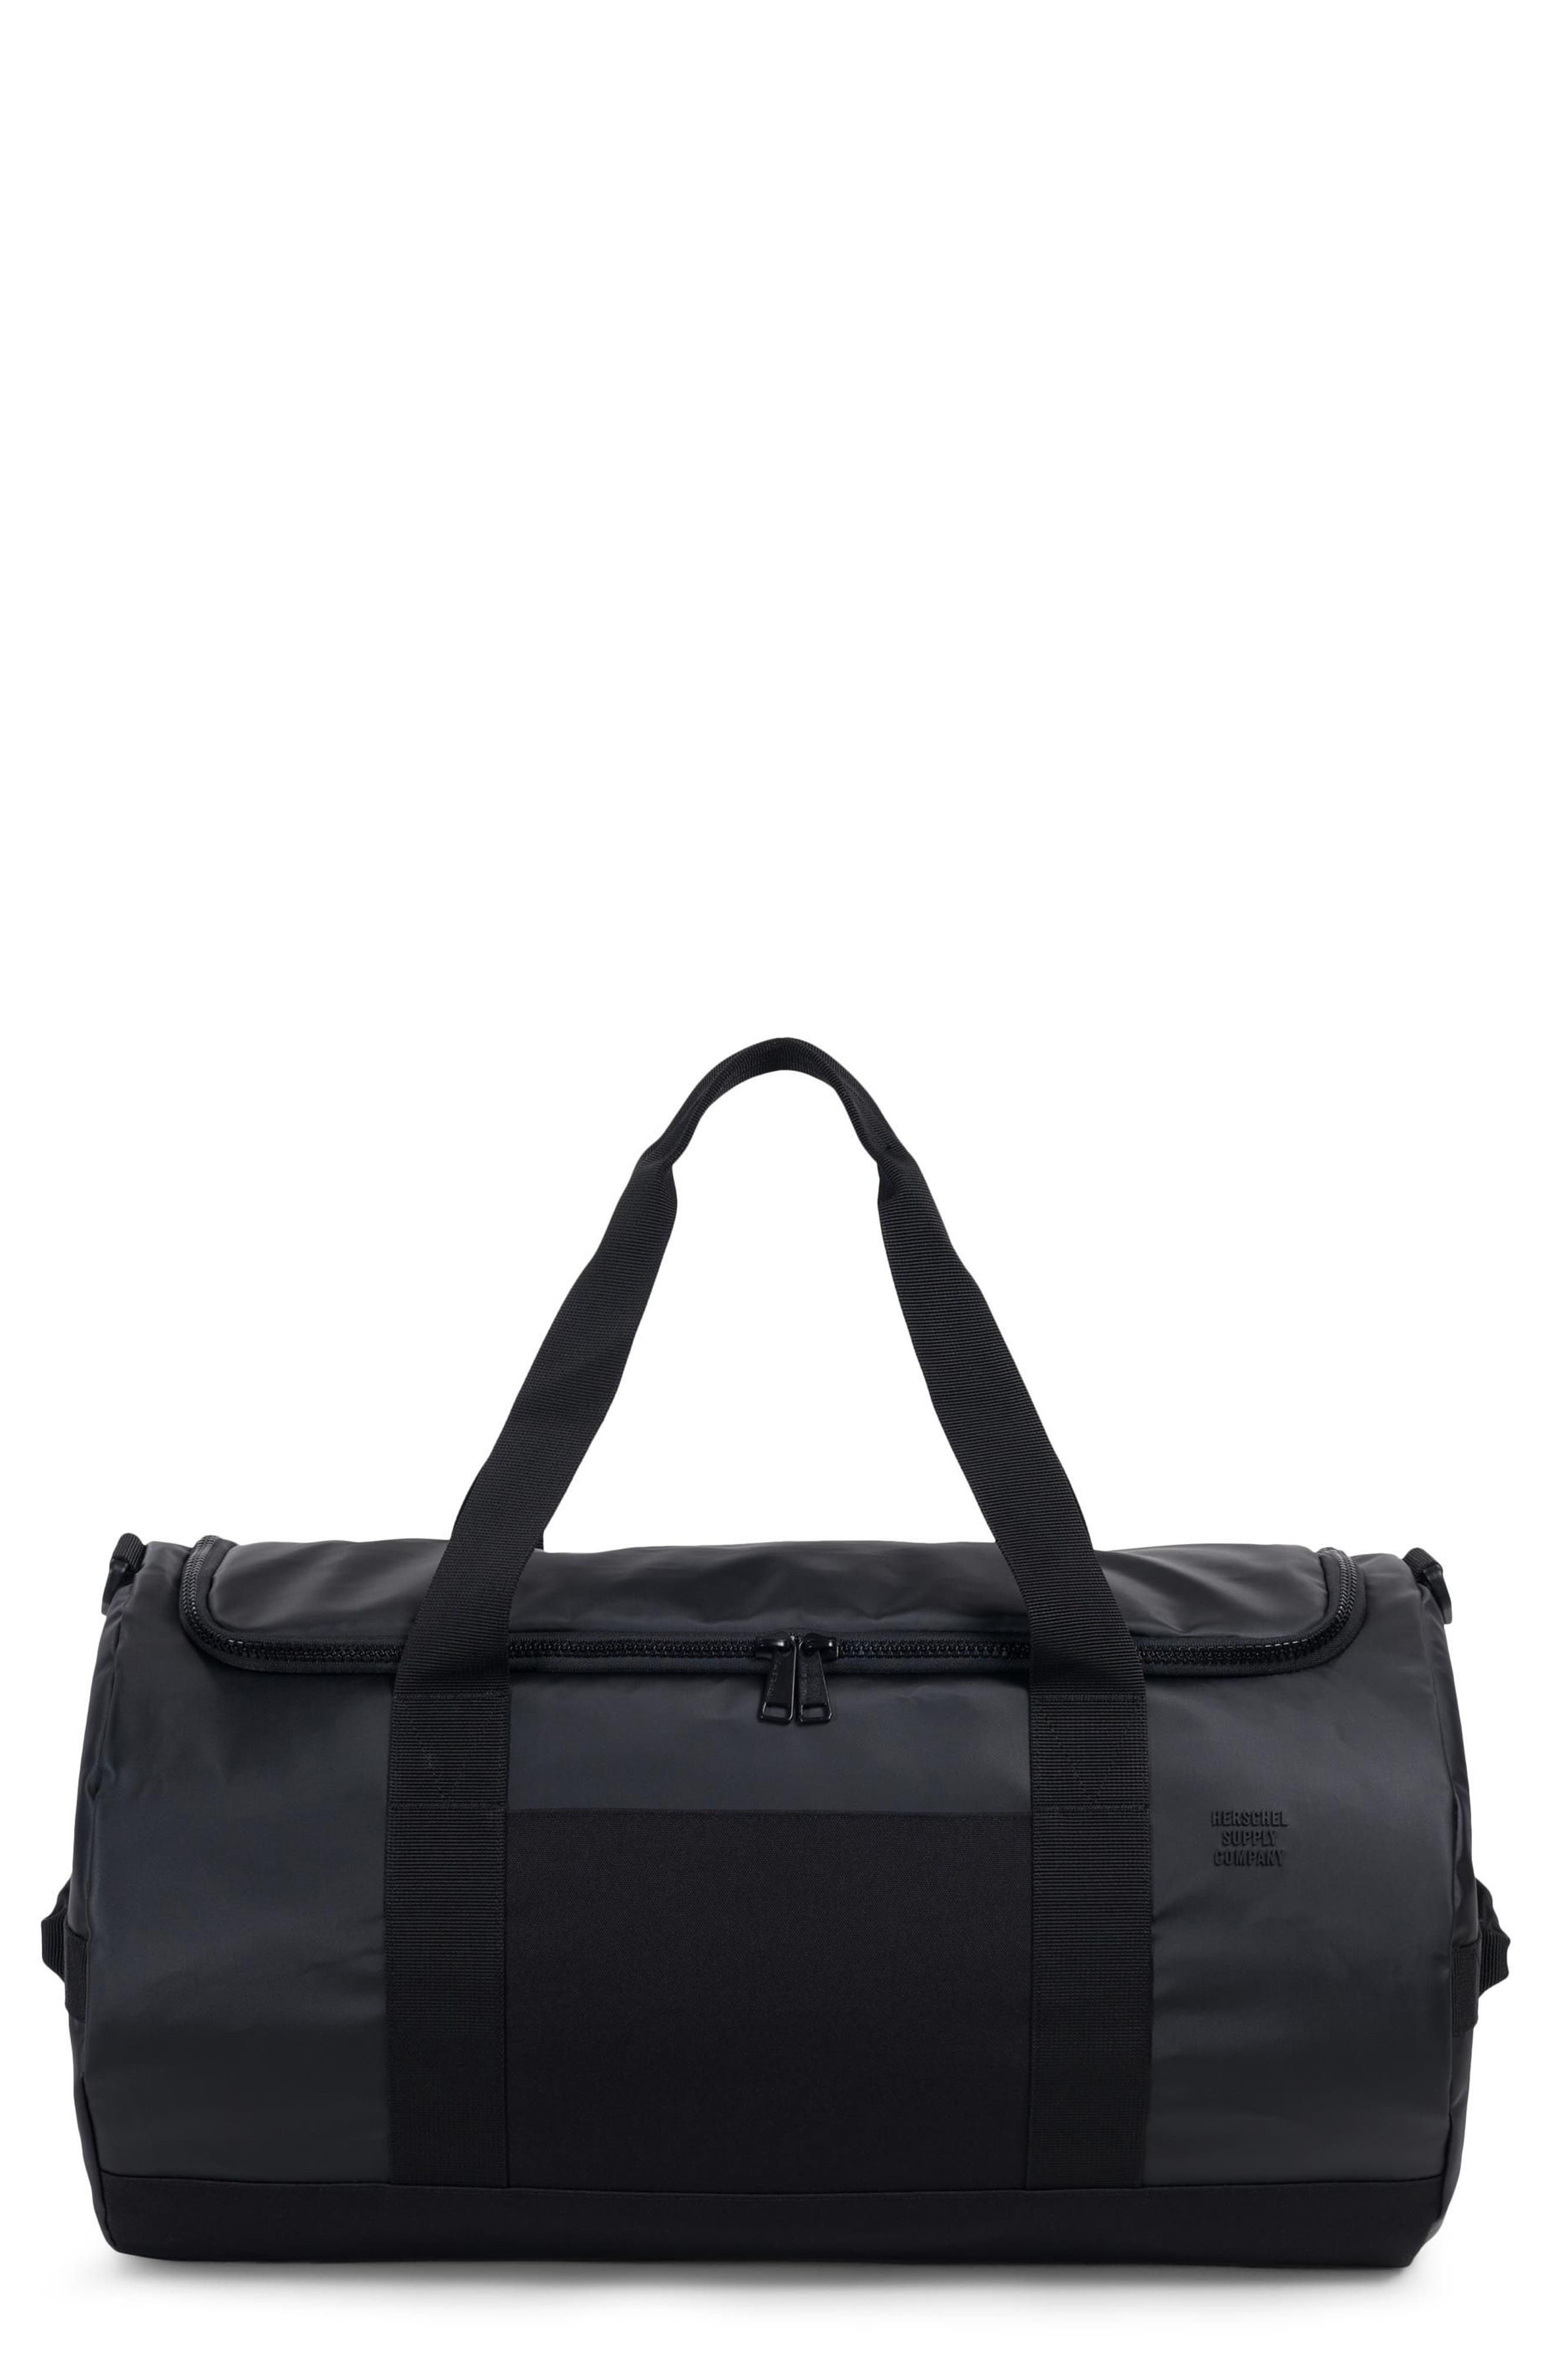 Sutton Polycoat Studio Duffel Bag,                         Main,                         color, BLACK